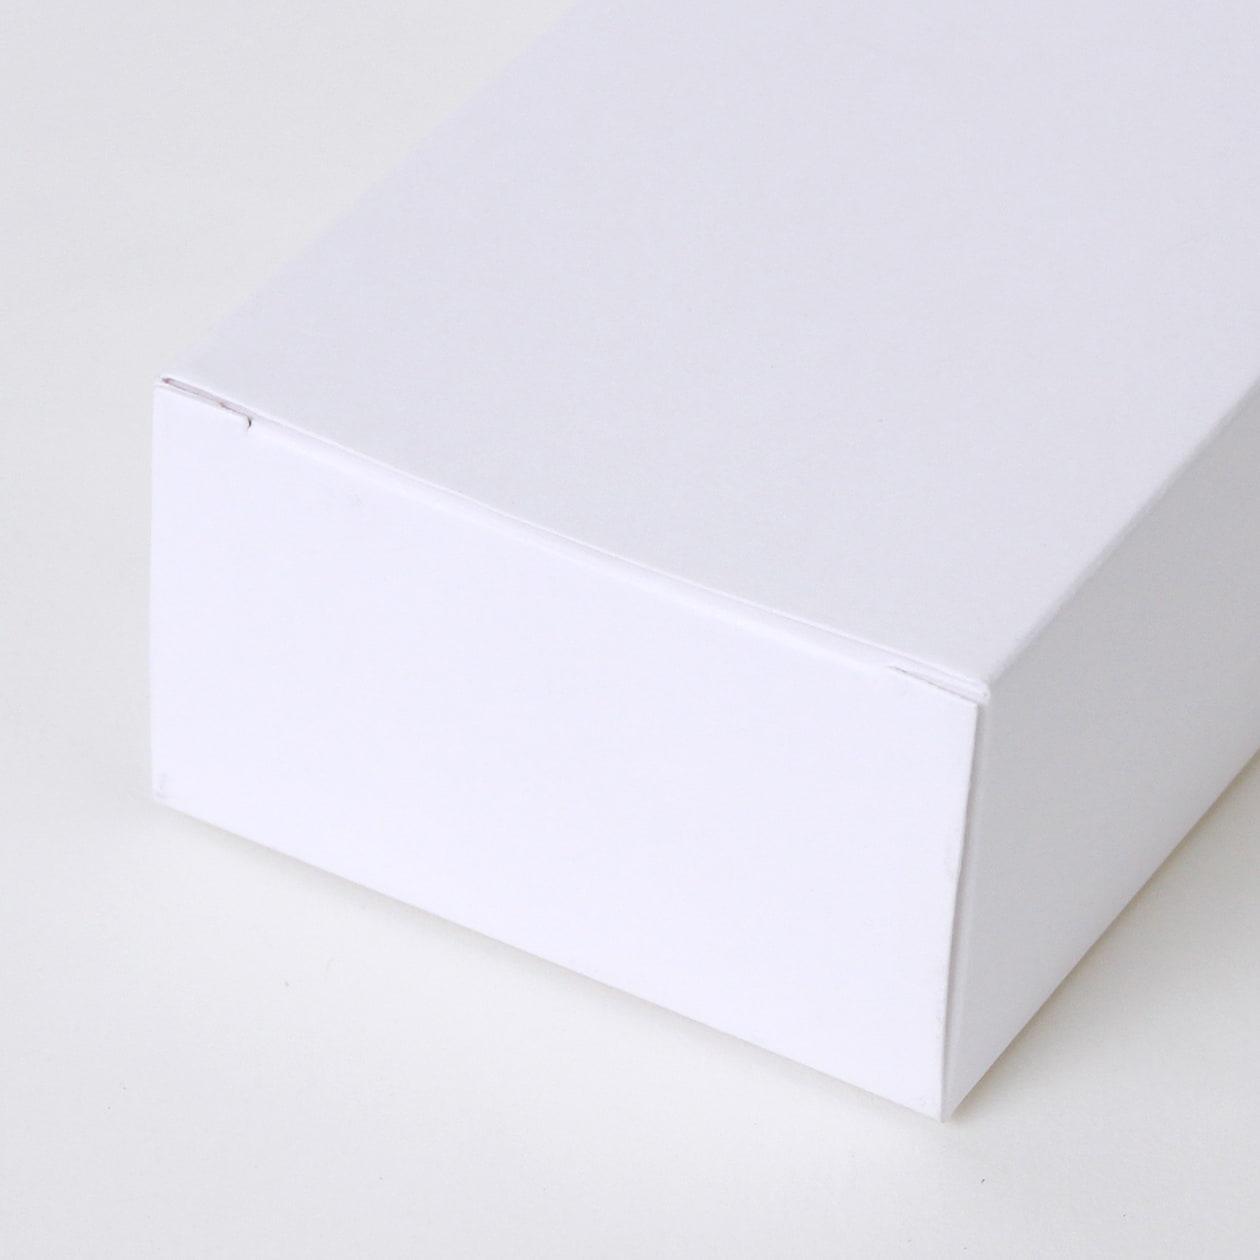 キャラメル箱60×35×95 クラウド 261.6g